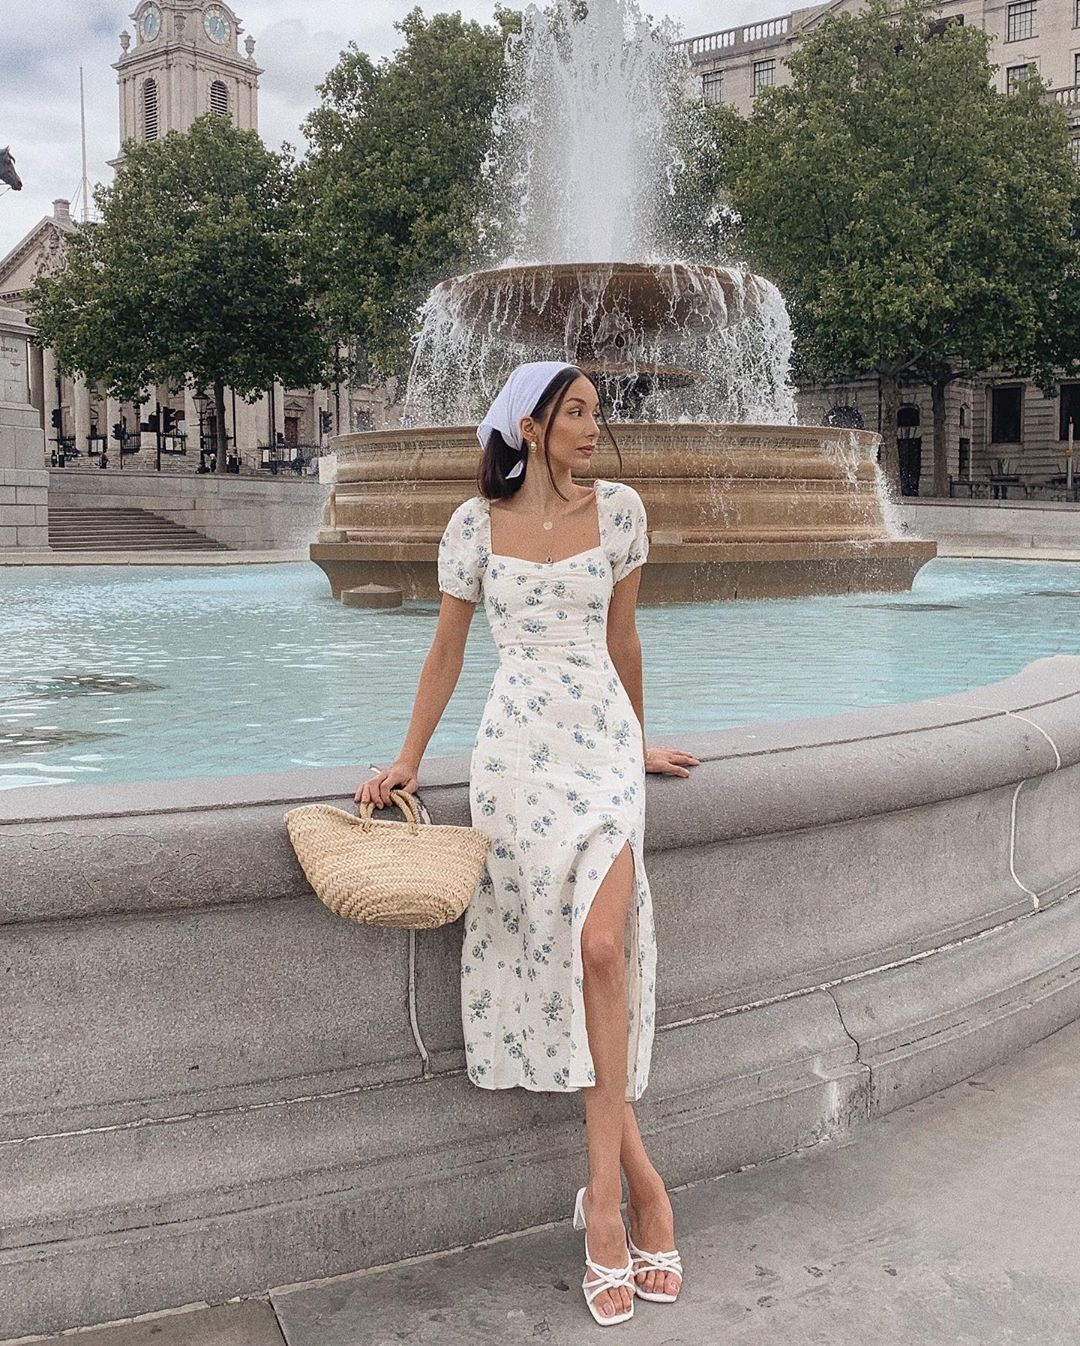 cô gái mặc váy hoa xanh đeo khăn bandana đứng bên đài phun nước